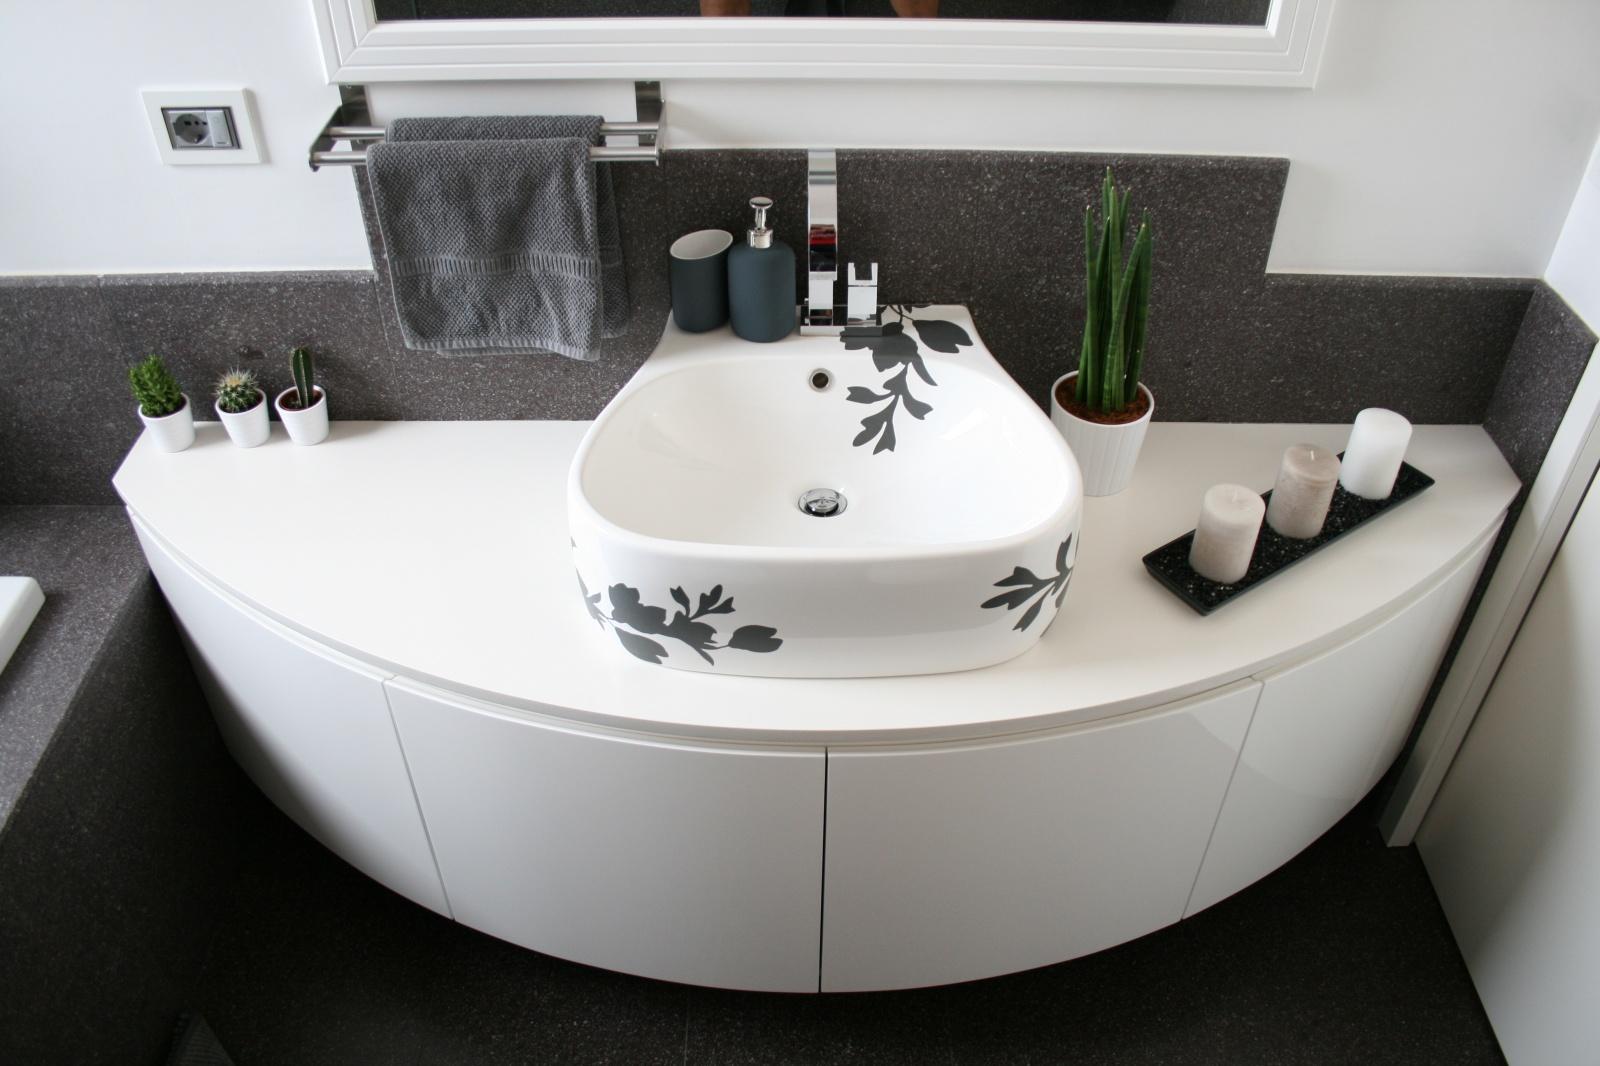 Mobile bagno curvo sospeso laccato lucido a rimini - Mobile bagno curvo ...